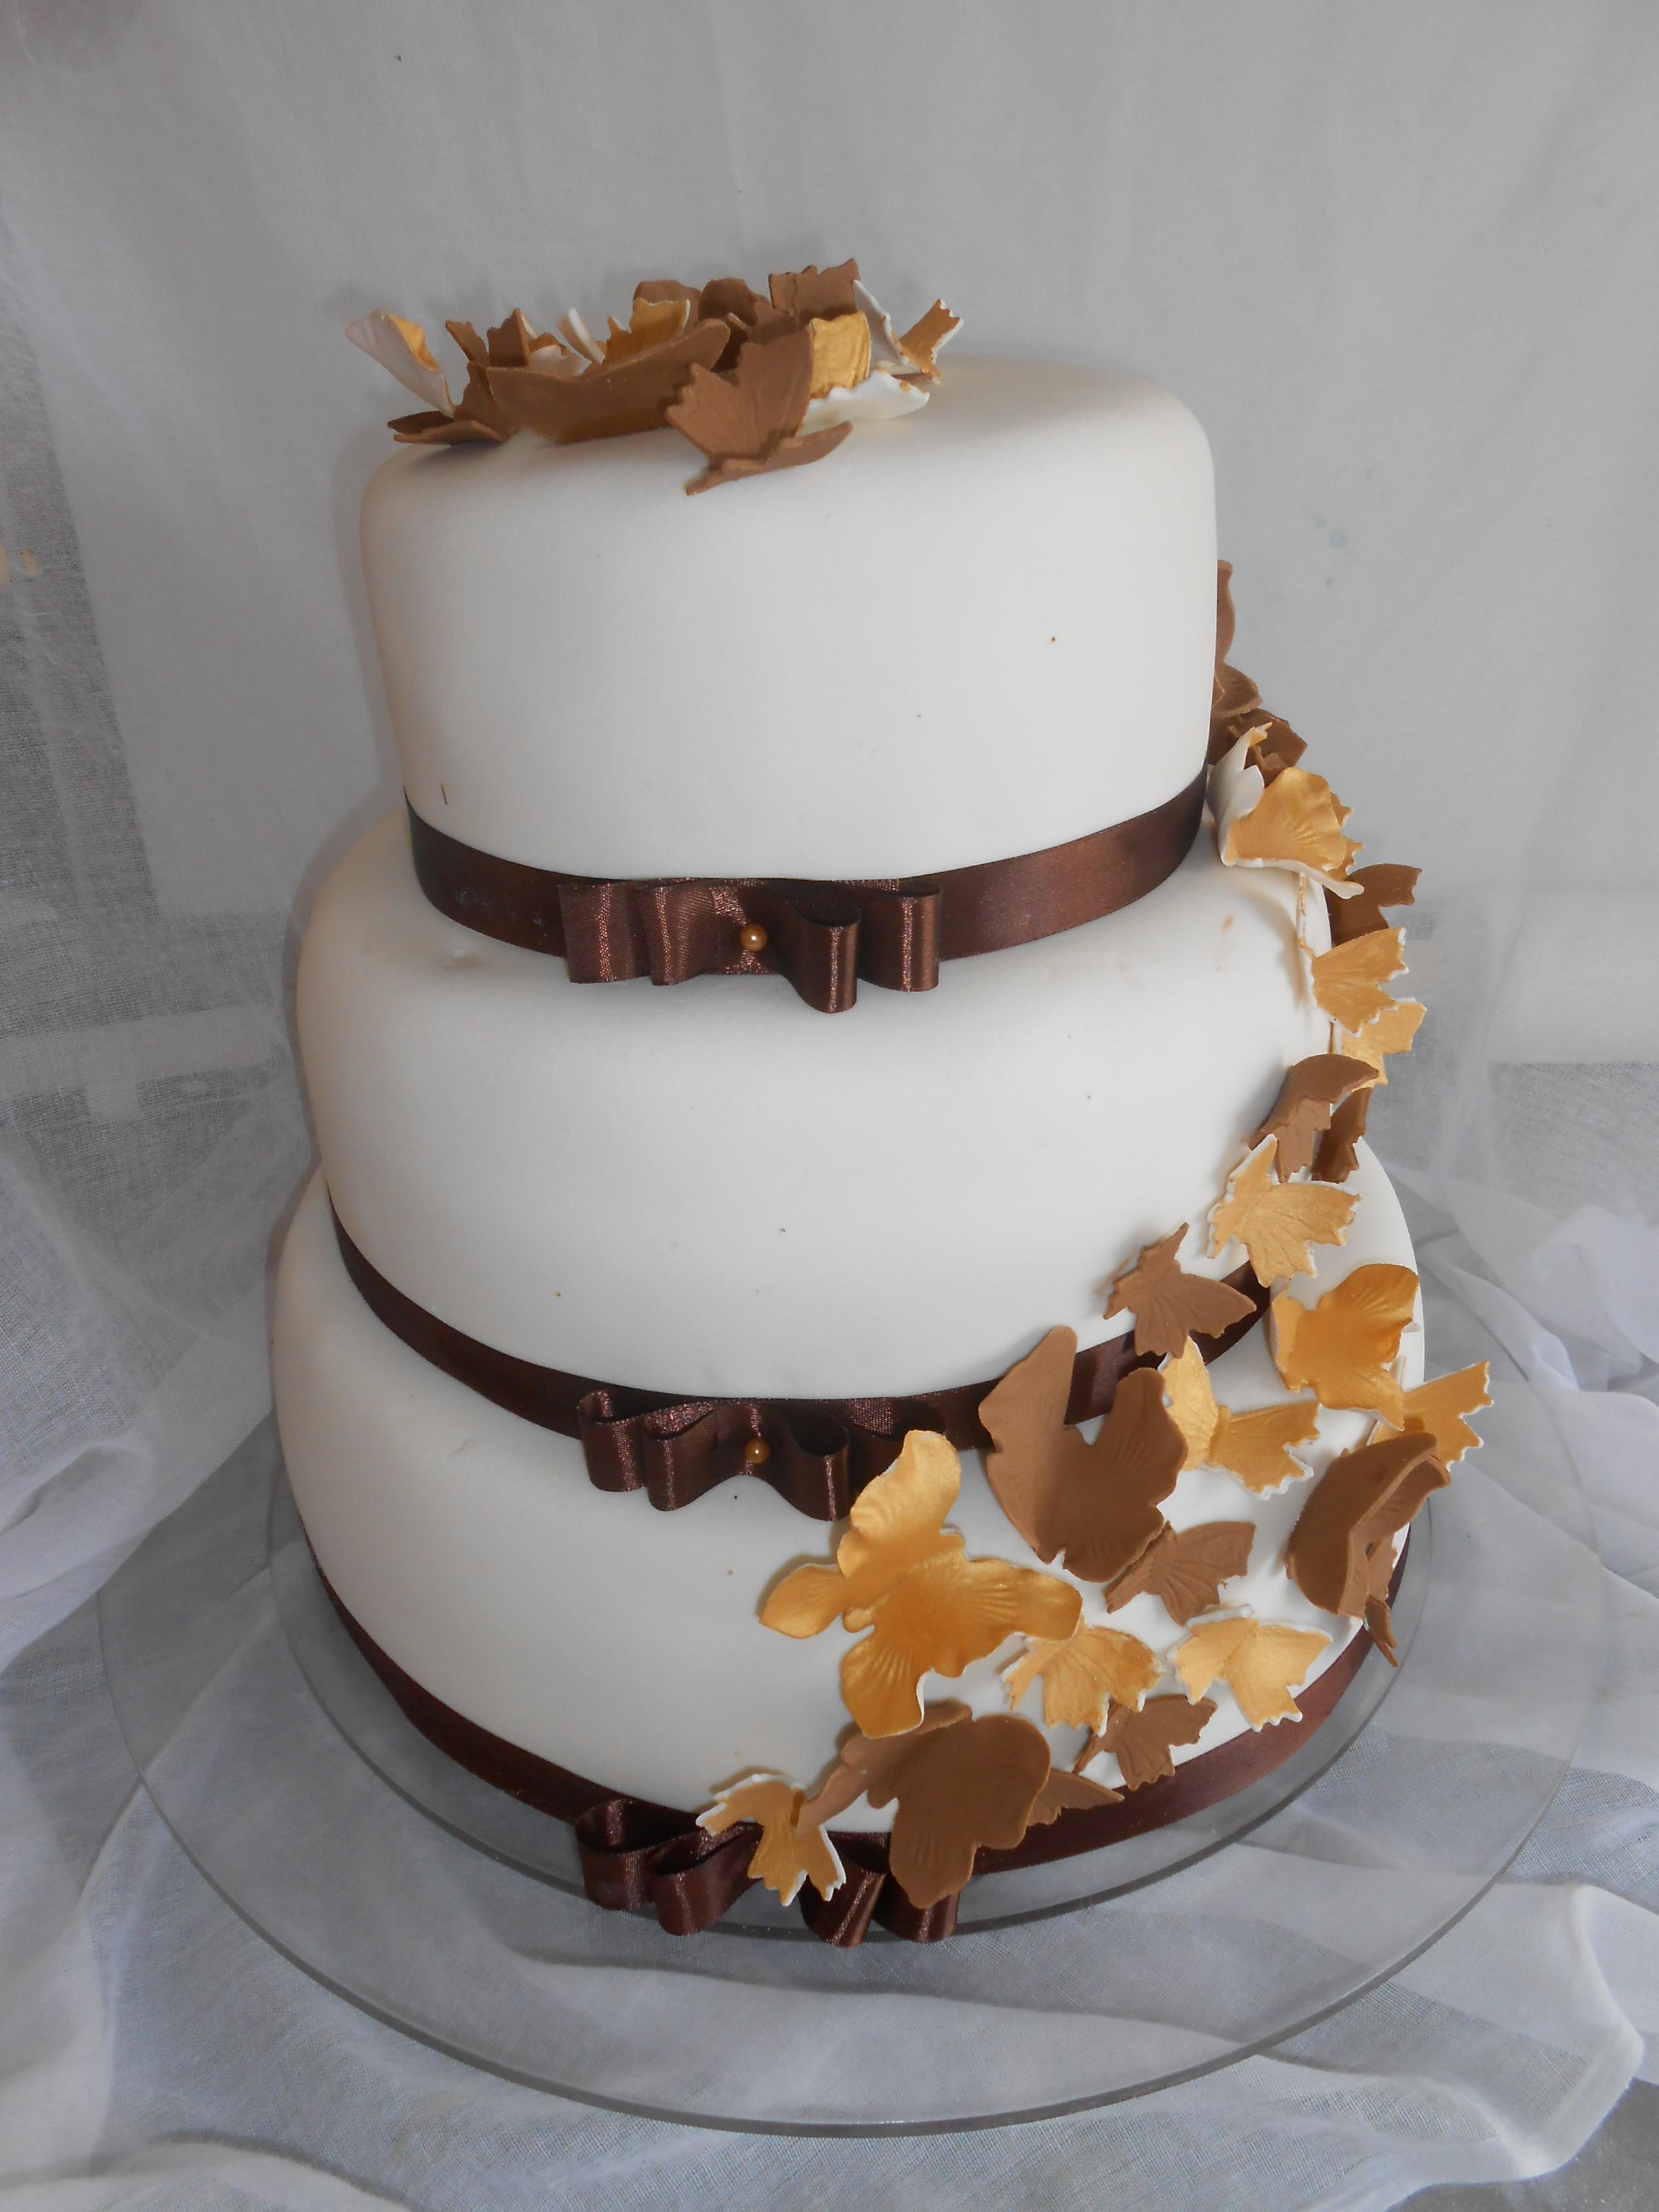 gluténmentes esküvői torta Aprósütemény és Torta   Erzsébetligeti Étterem és Rendezvényház gluténmentes esküvői torta